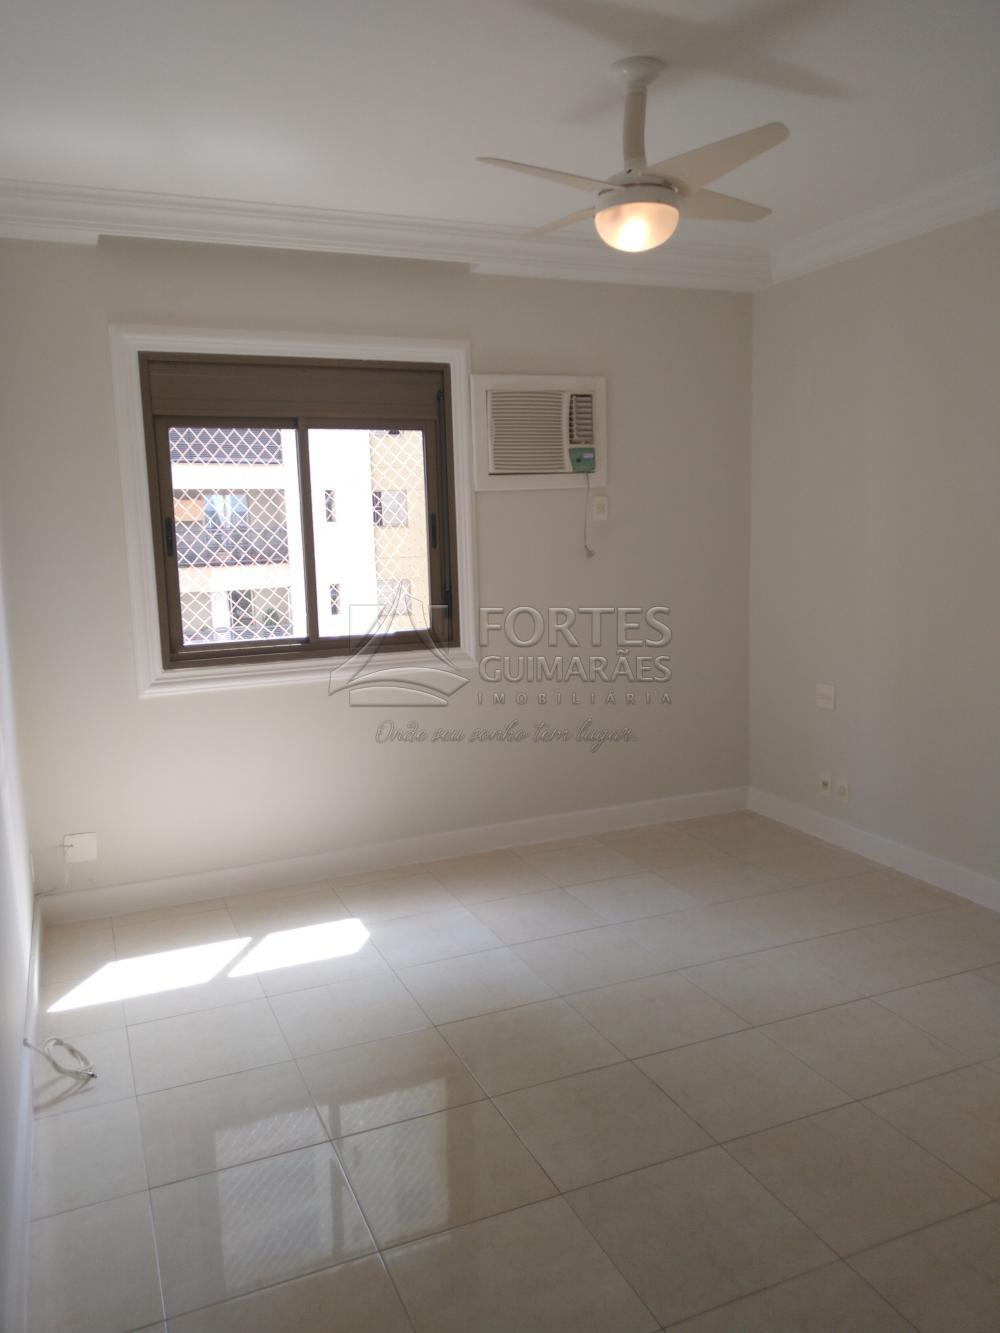 Alugar Apartamentos / Padrão em Ribeirão Preto apenas R$ 3.000,00 - Foto 40